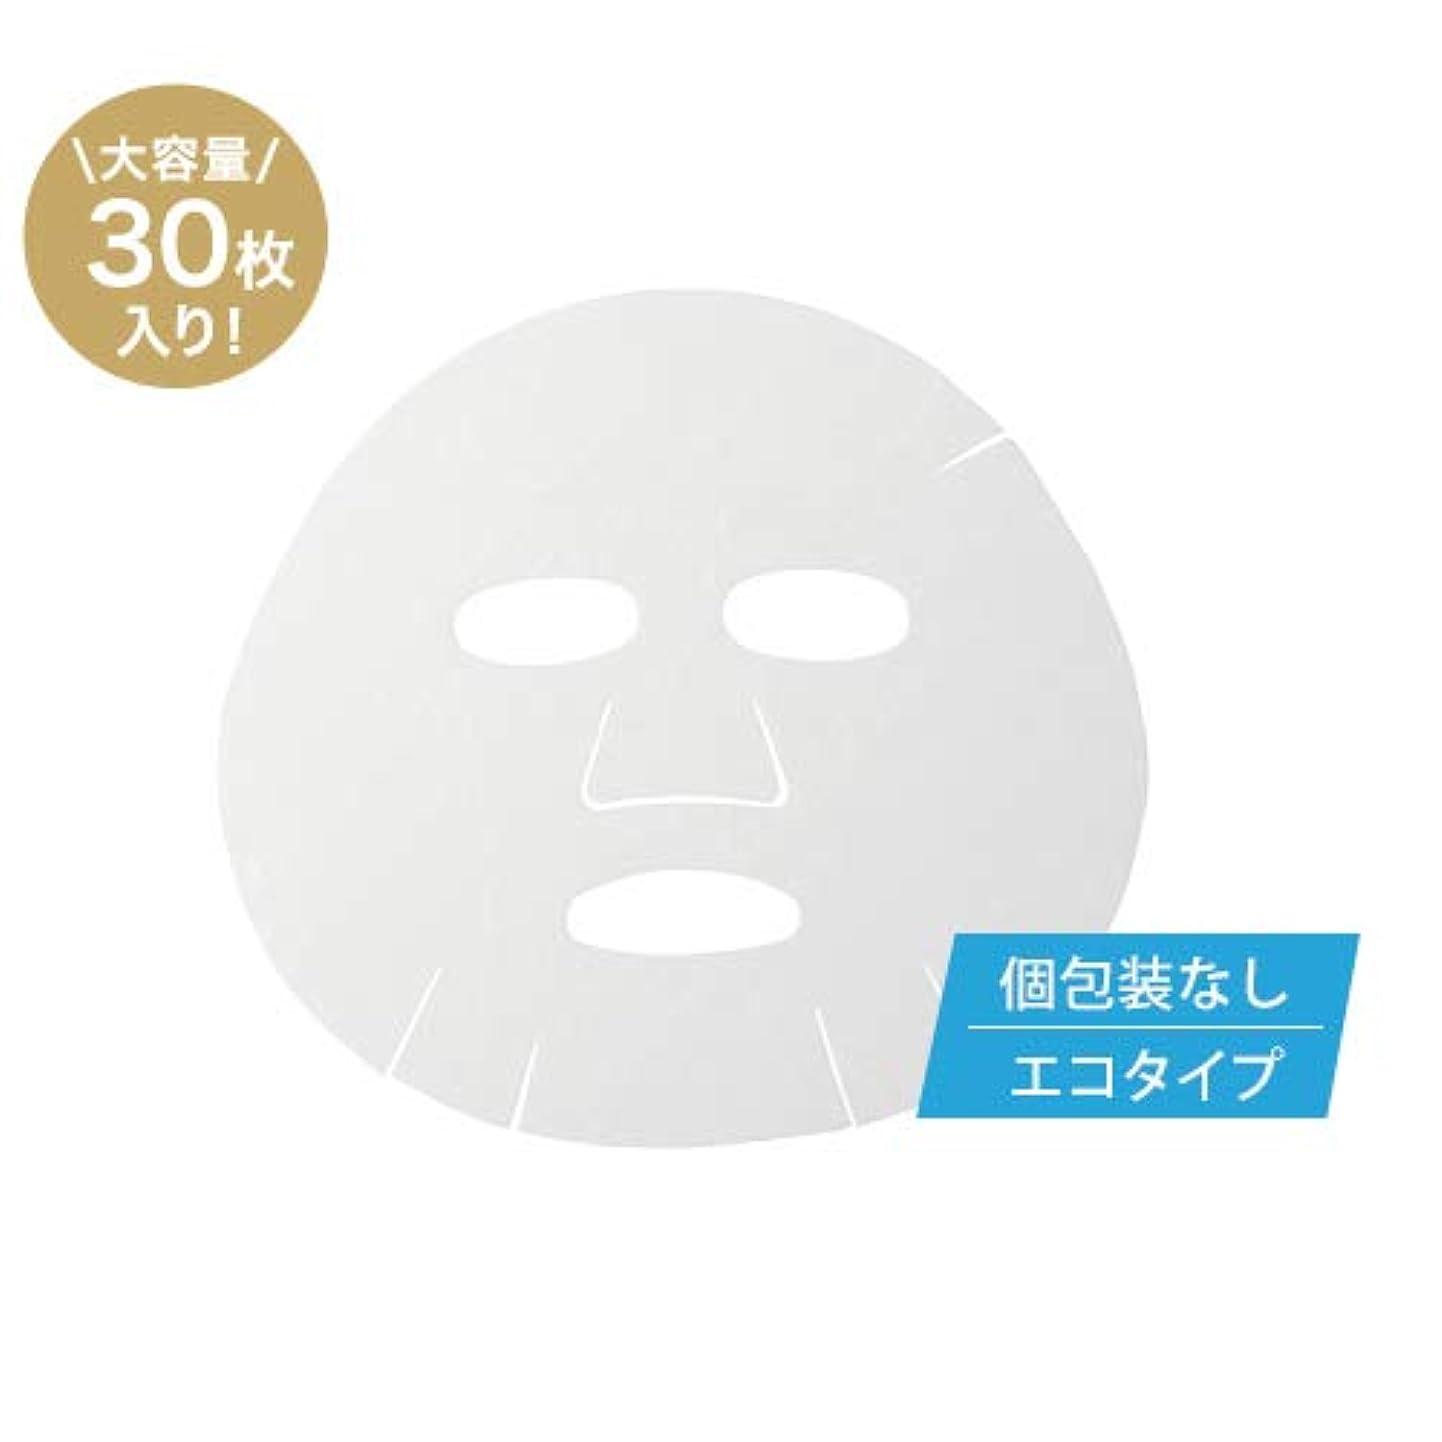 有名なスツール湿ったMAMEW エッセンスシートマスク(個包装無し?大容量タイプ)-日本製の顔パック-毛穴を引き締める?保湿効果?くすみ?しわ対策におすすめ?お肌しっとり-EGF配合-お得な30枚セット